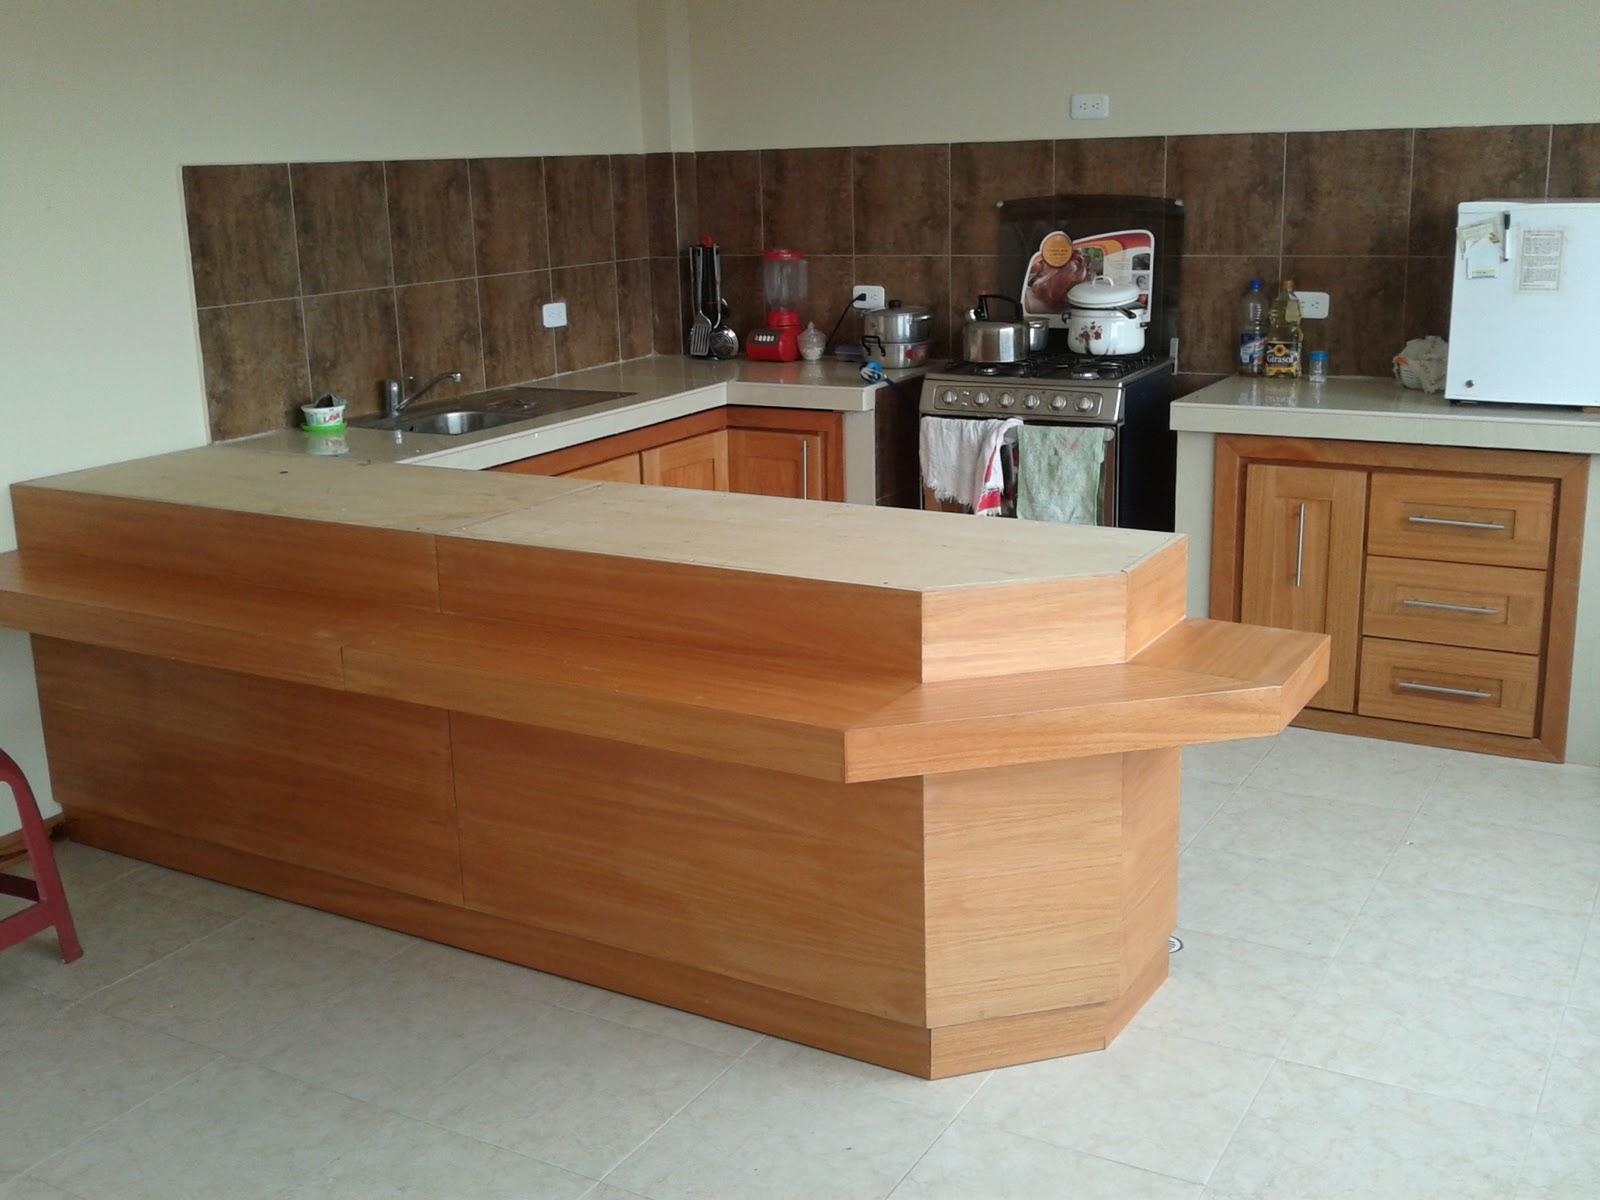 muebles y decoraci n muebles de cocina para departamentos